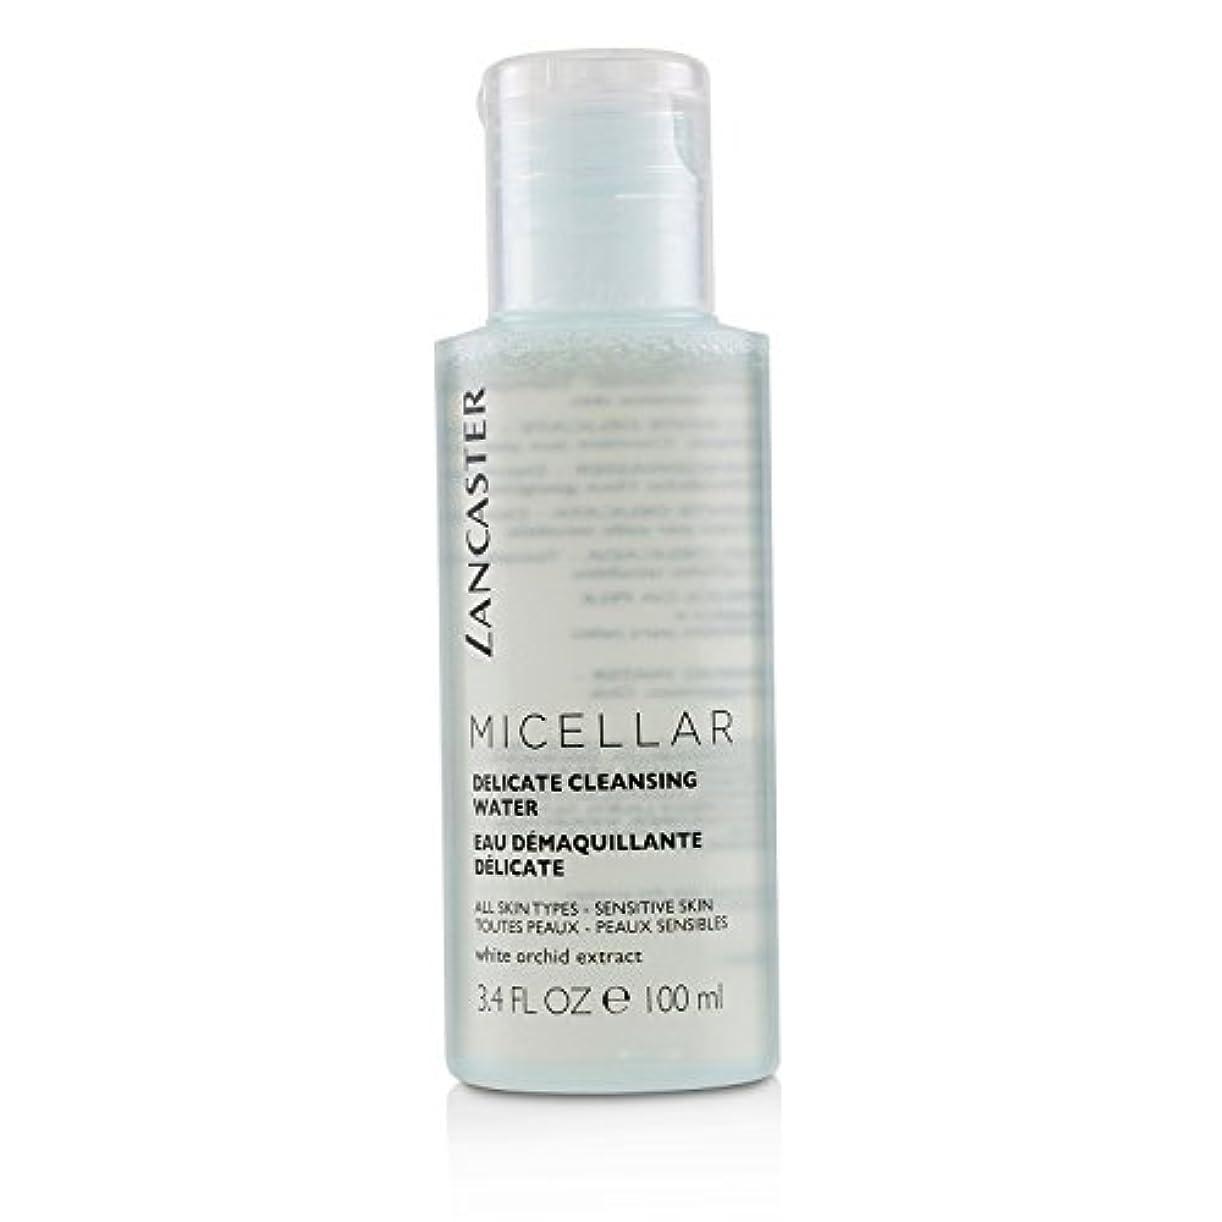 懺悔一時停止犬ランカスター Micellar Delicate Cleansing Water - All Skin Types, Including Sensitive Skin 100ml/3.4oz並行輸入品